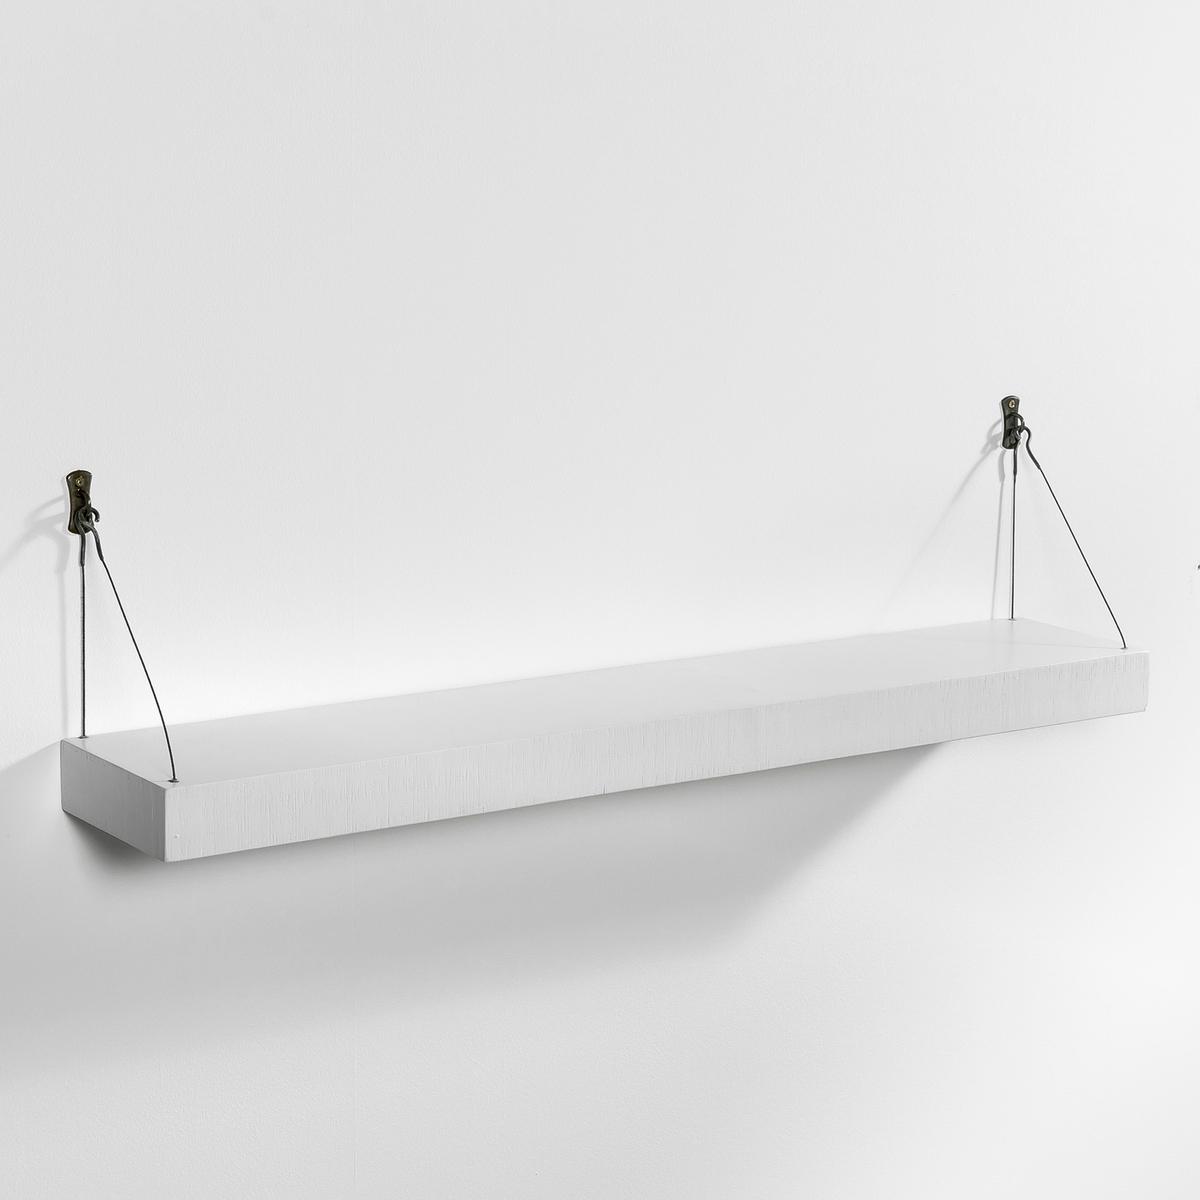 Полка настенная Дл. 110 см, RootsХарактеристики:- Столешница из мультиплекса (для большей легкости), отделка под старину.- Крепление на металлических тросиках и 2 скобках на стену.Размеры:- 110 x 20 см.- Длина тросика 26 см спереди (20 см сзади).- Толщина столешницы 6,5 см<br><br>Цвет: белый,серо-бежевый<br>Размер: единый размер